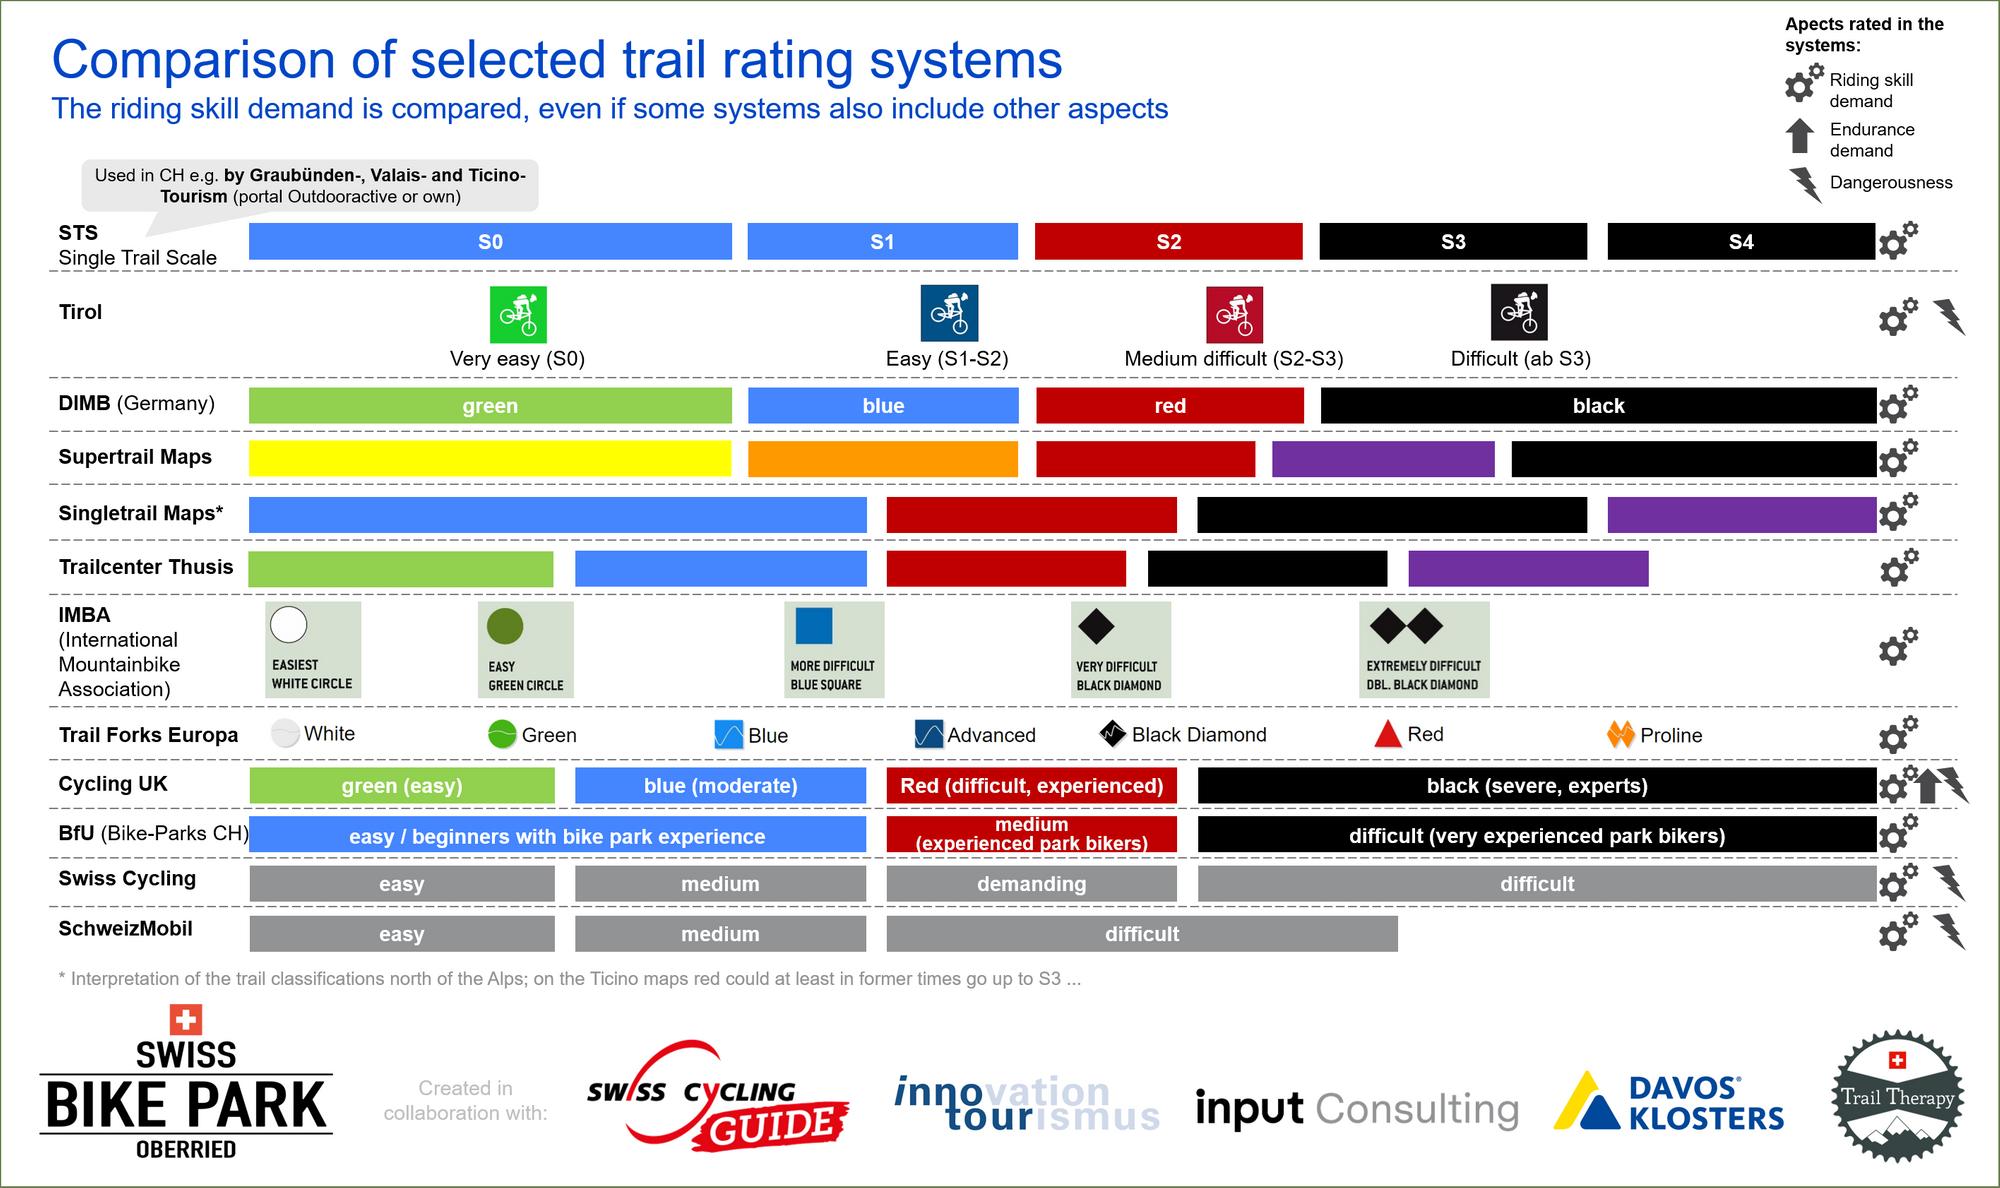 Swiss Bike Park Umfrage: Braucht es ein einheitliches Trail Rating System?